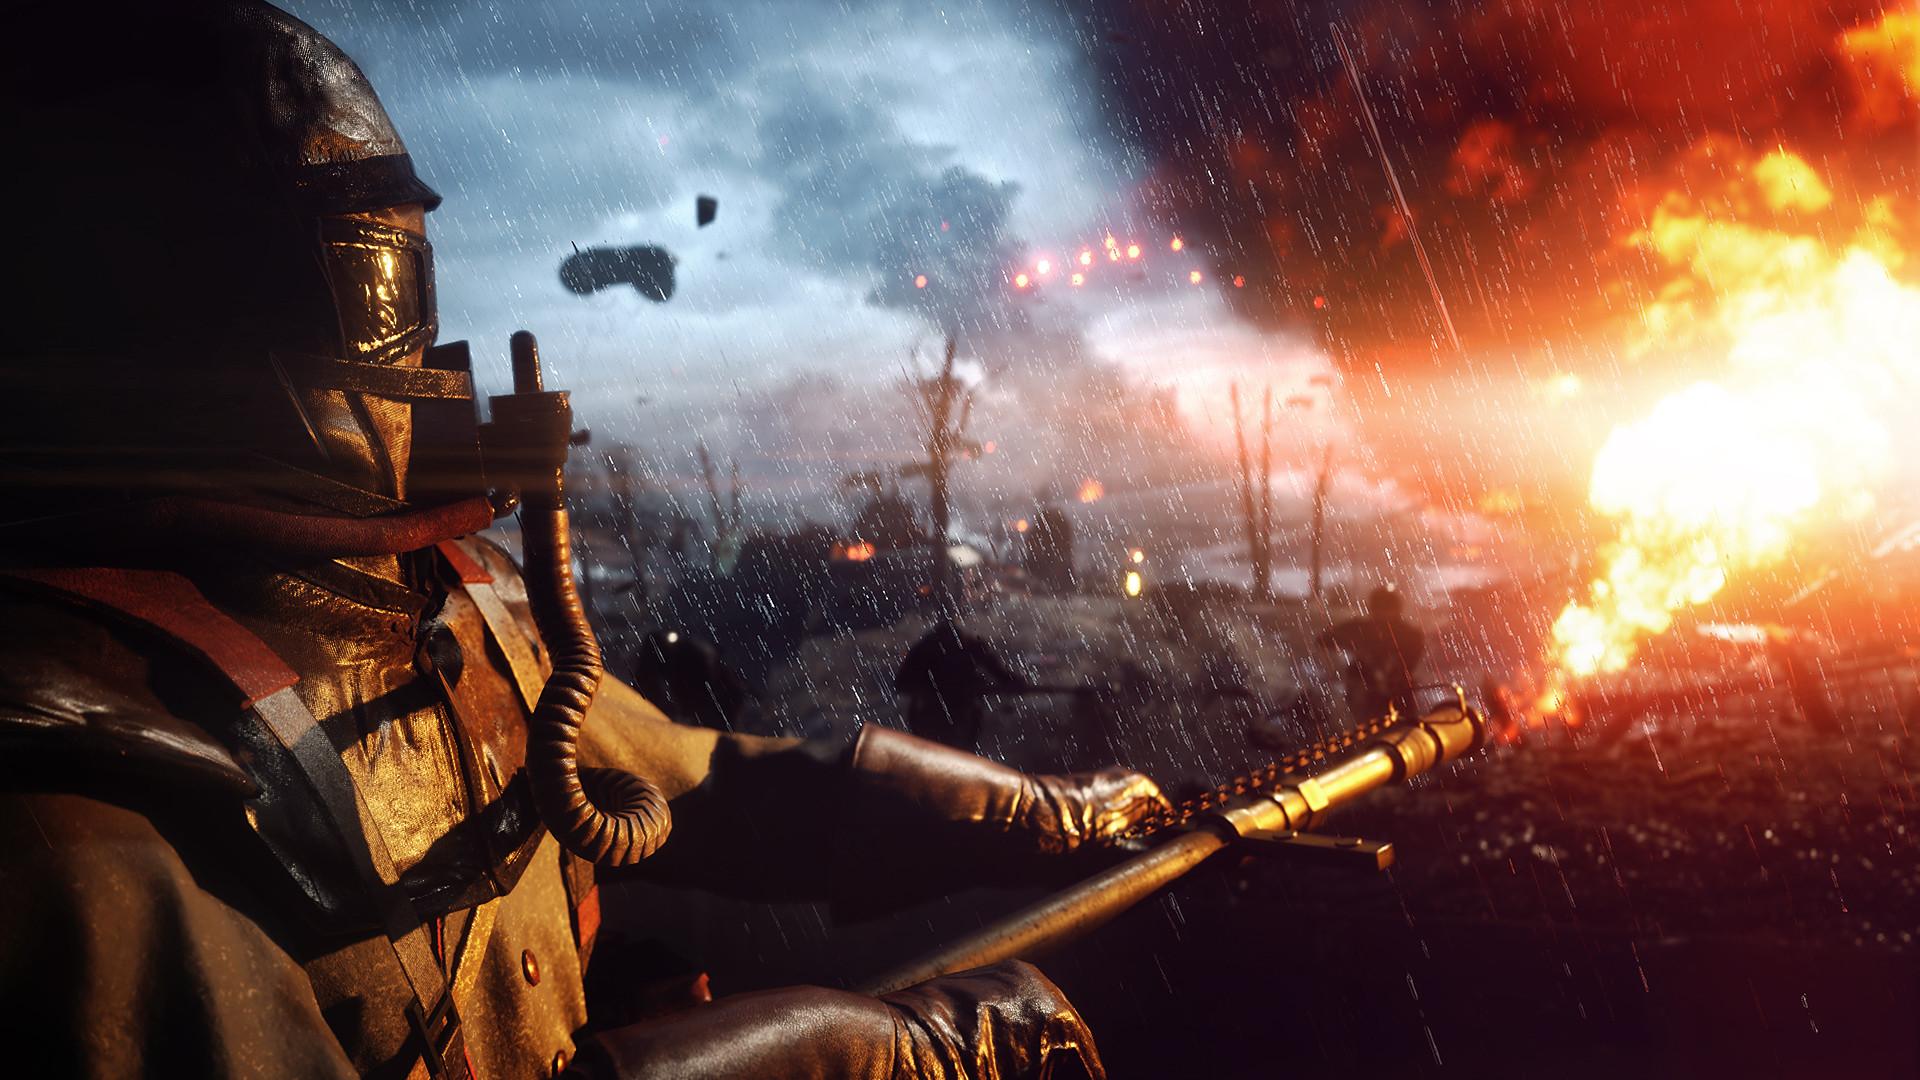 Всети появилось видео Battlefield 1 сприменением технологии трассировки лучей